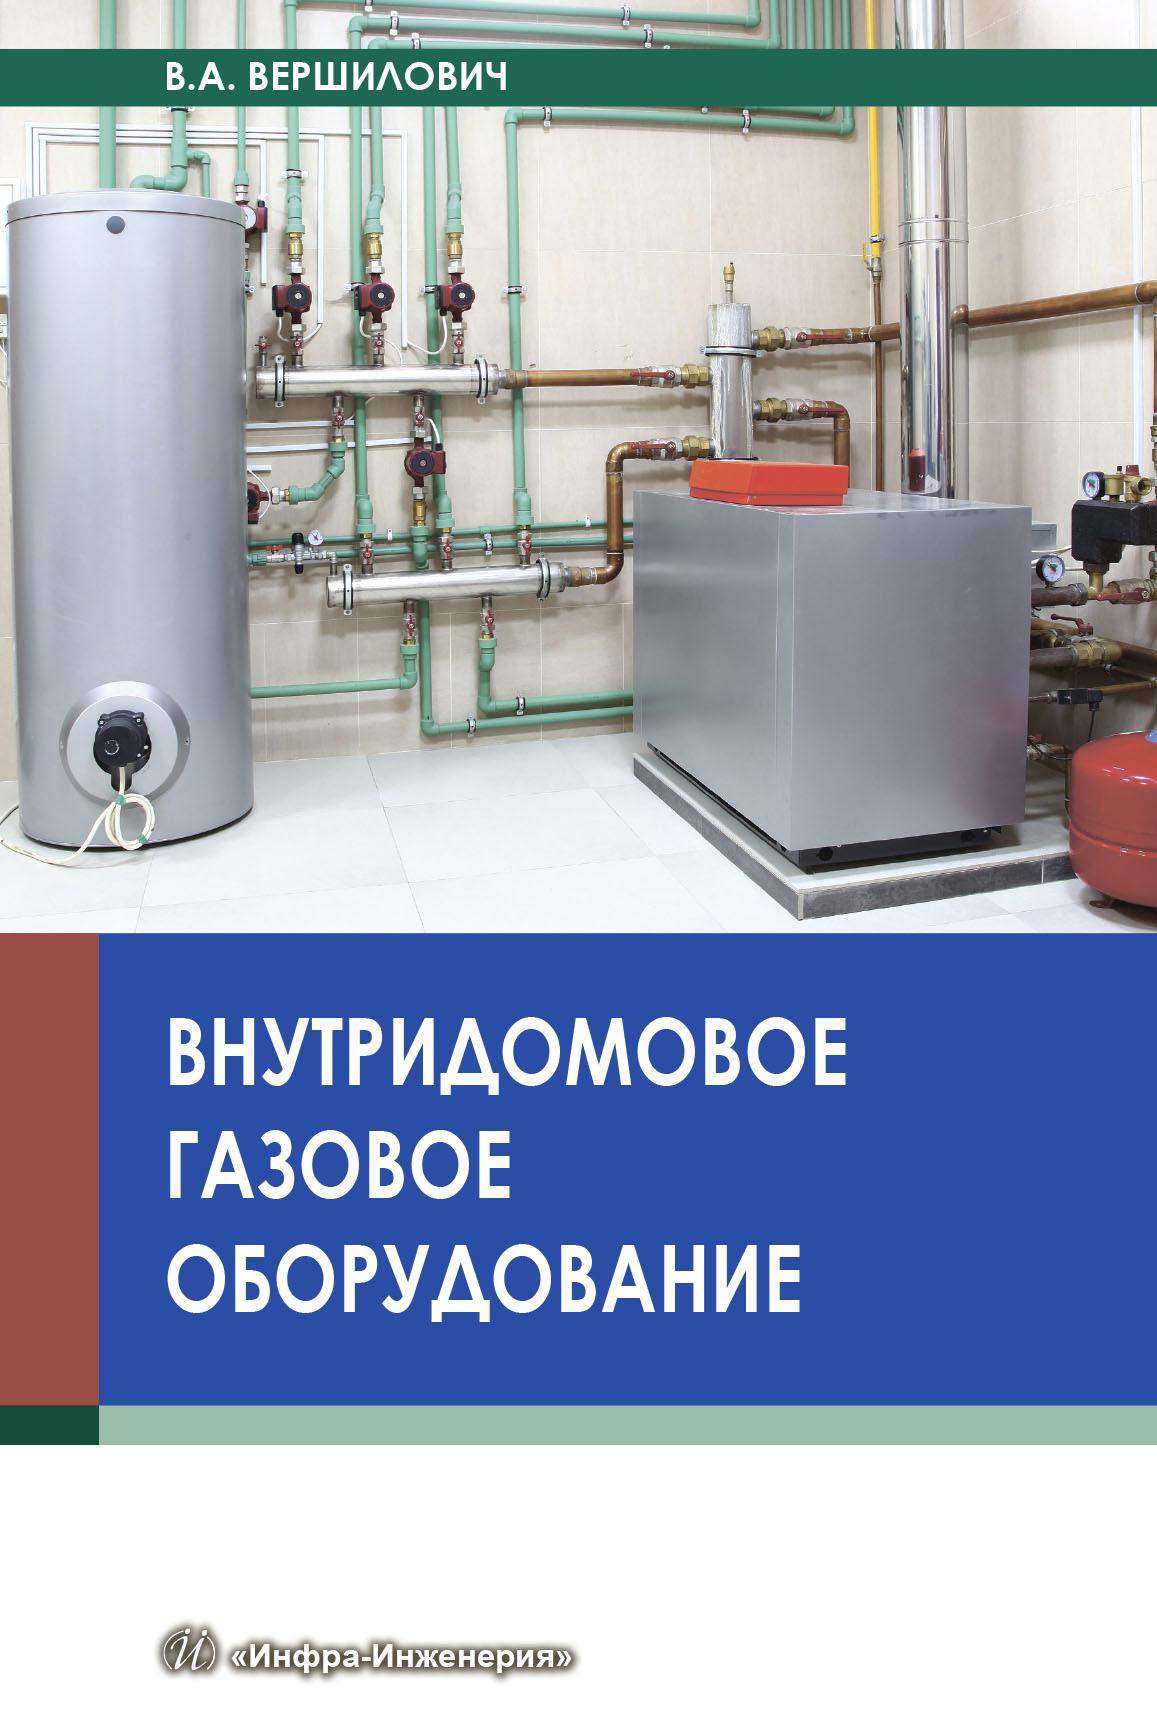 В. А. Вершилович Внутридомовое газовое оборудование аксессуары для газового оборудования coleman для sportster